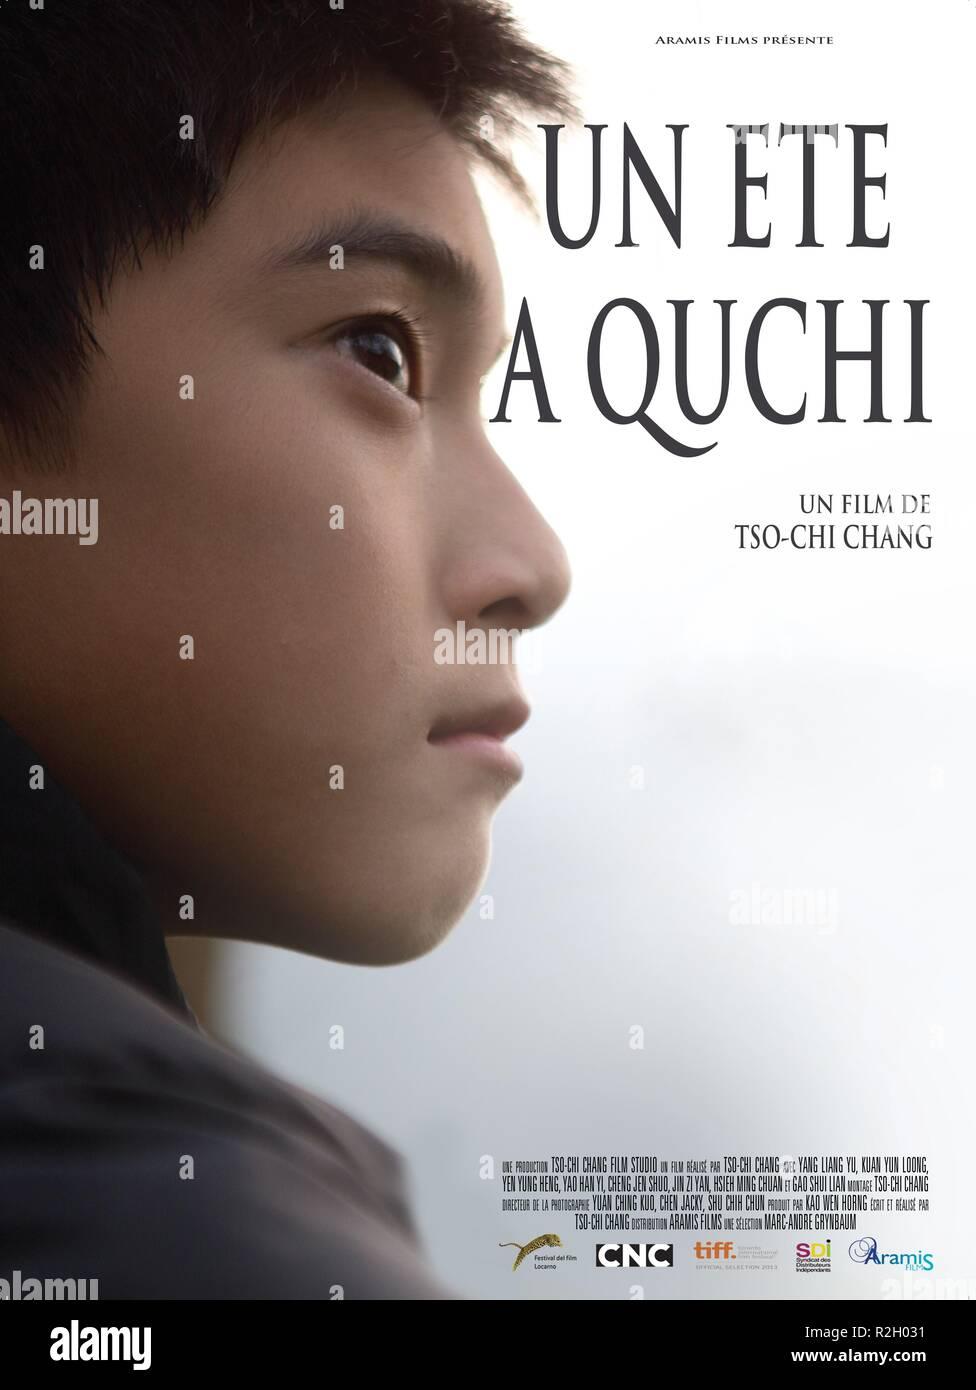 a time in quchi